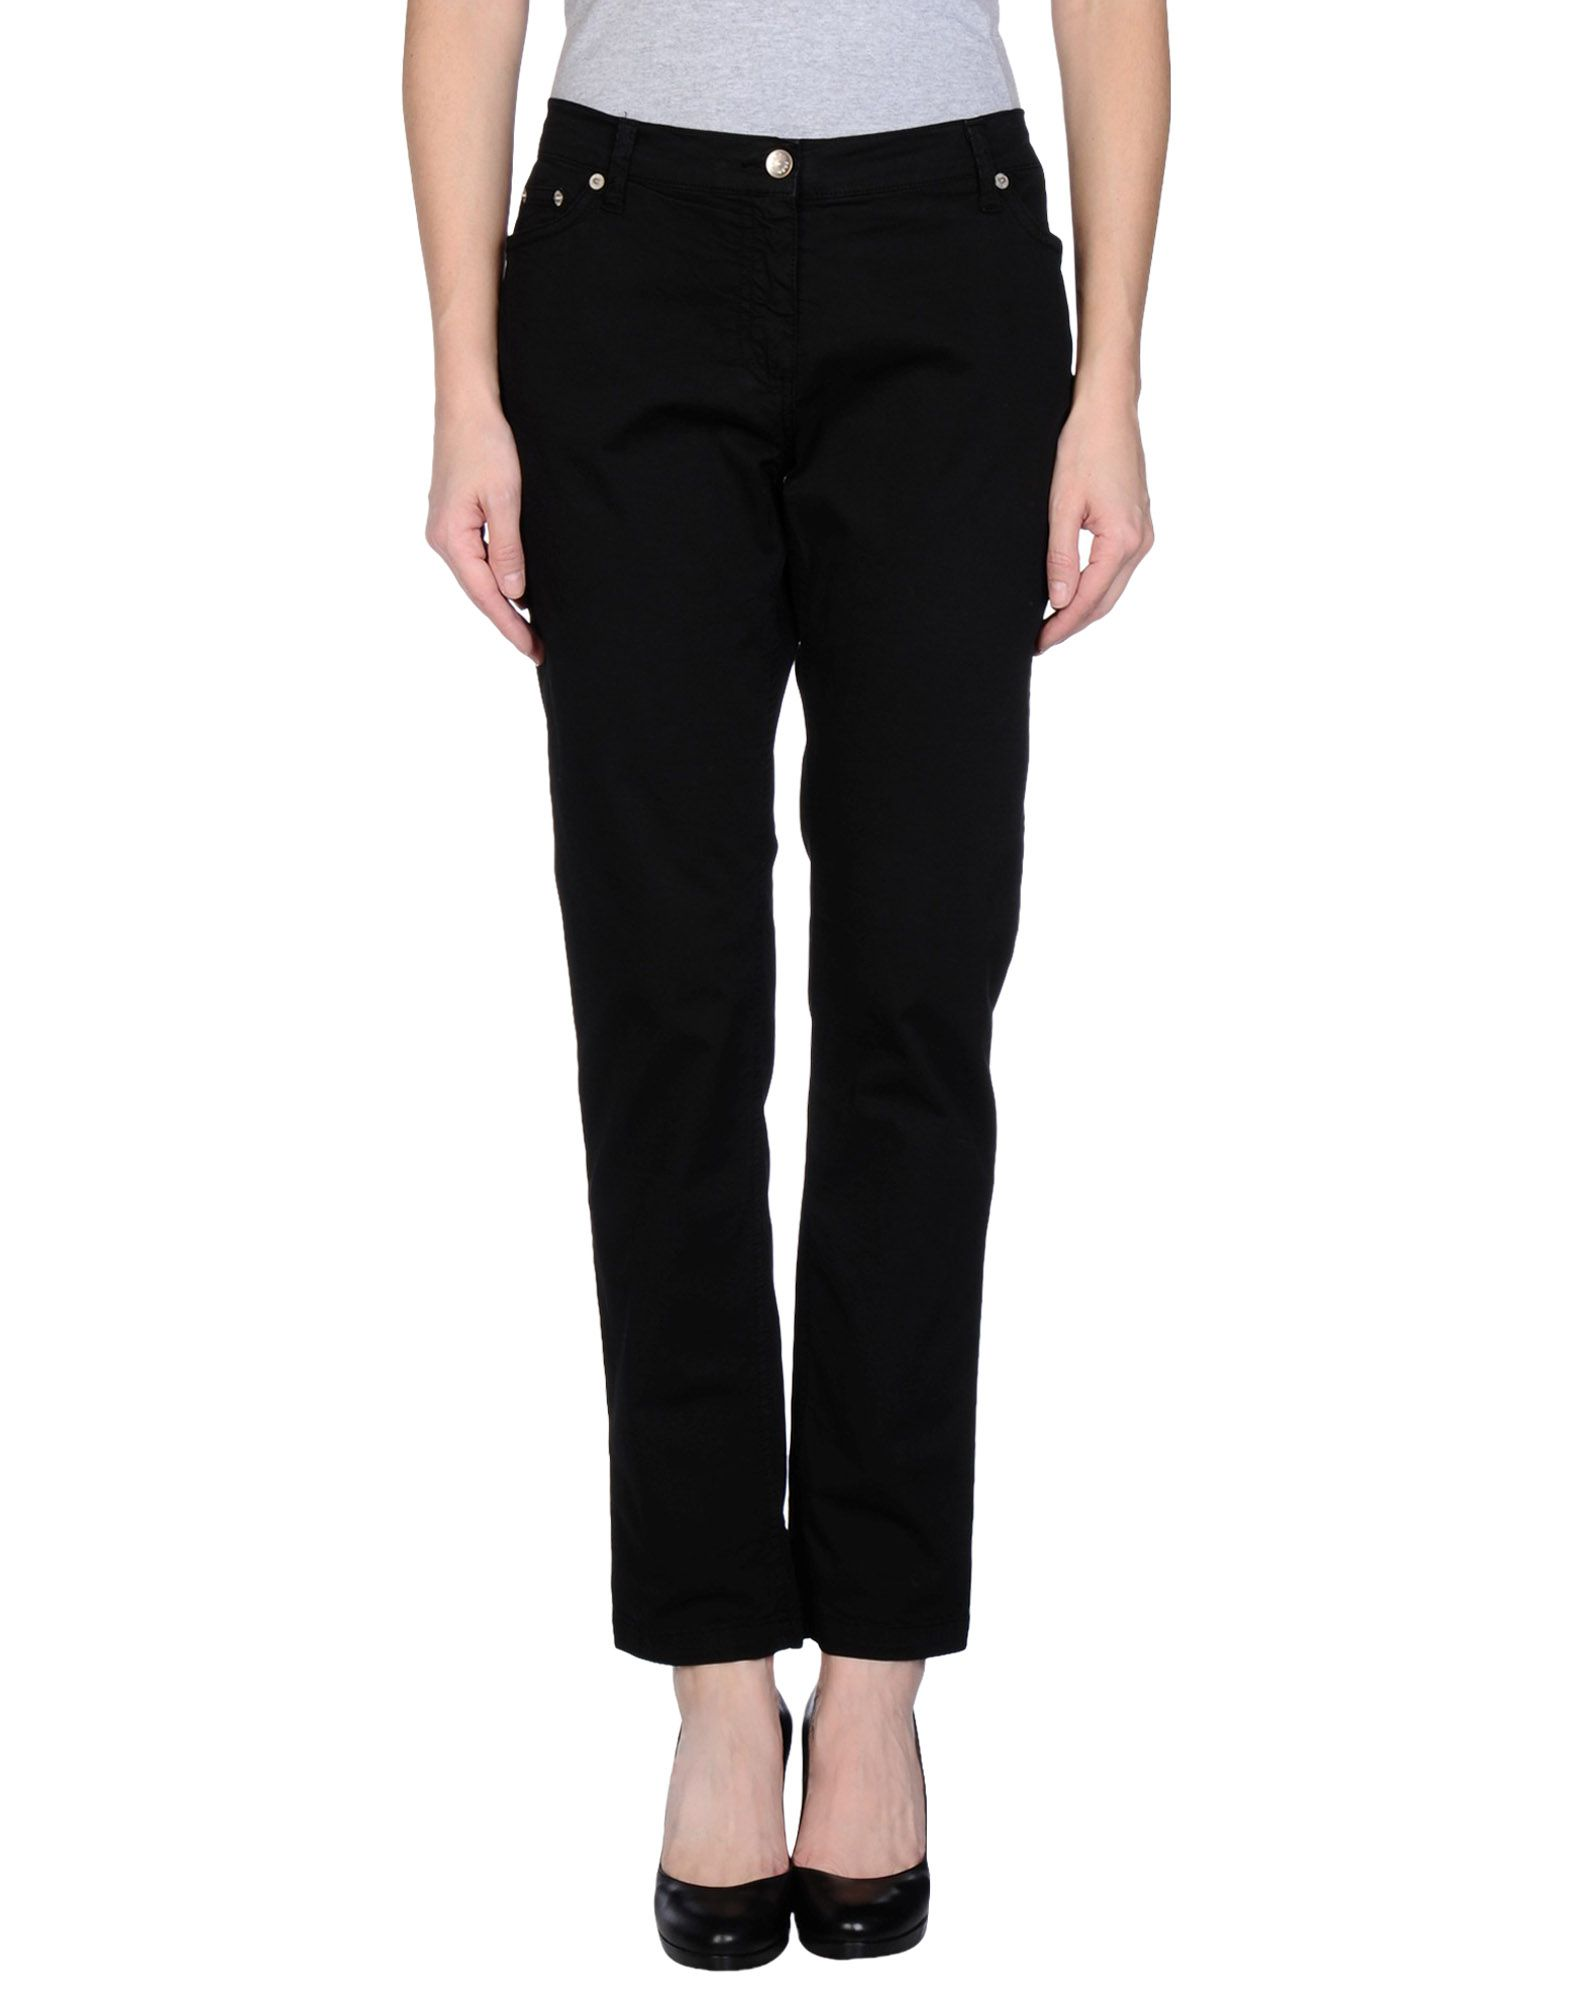 FRED PERRY Damen Hose Farbe Schwarz Größe 3